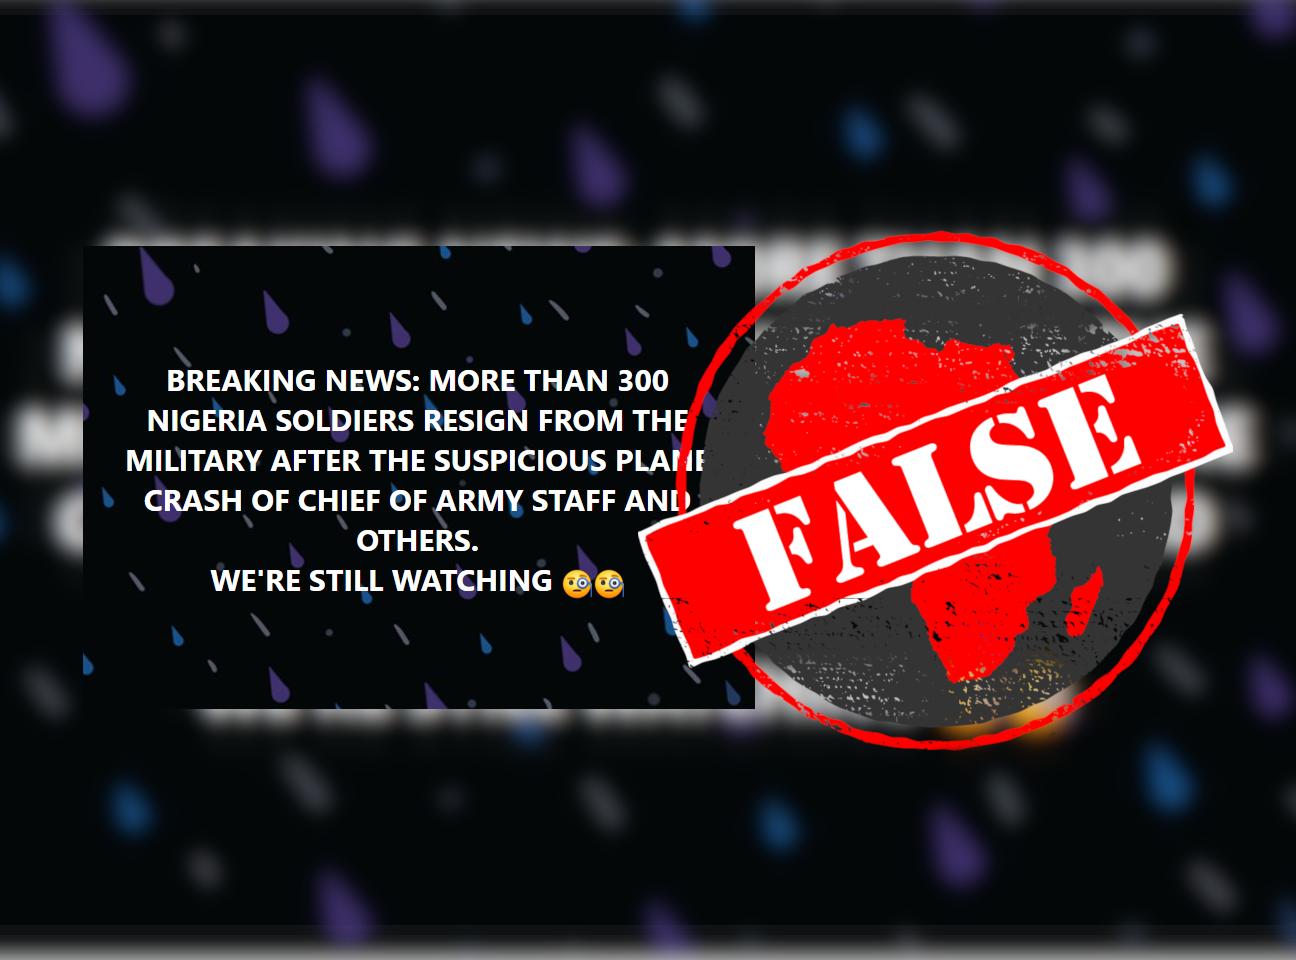 NigeriaMilitary_False